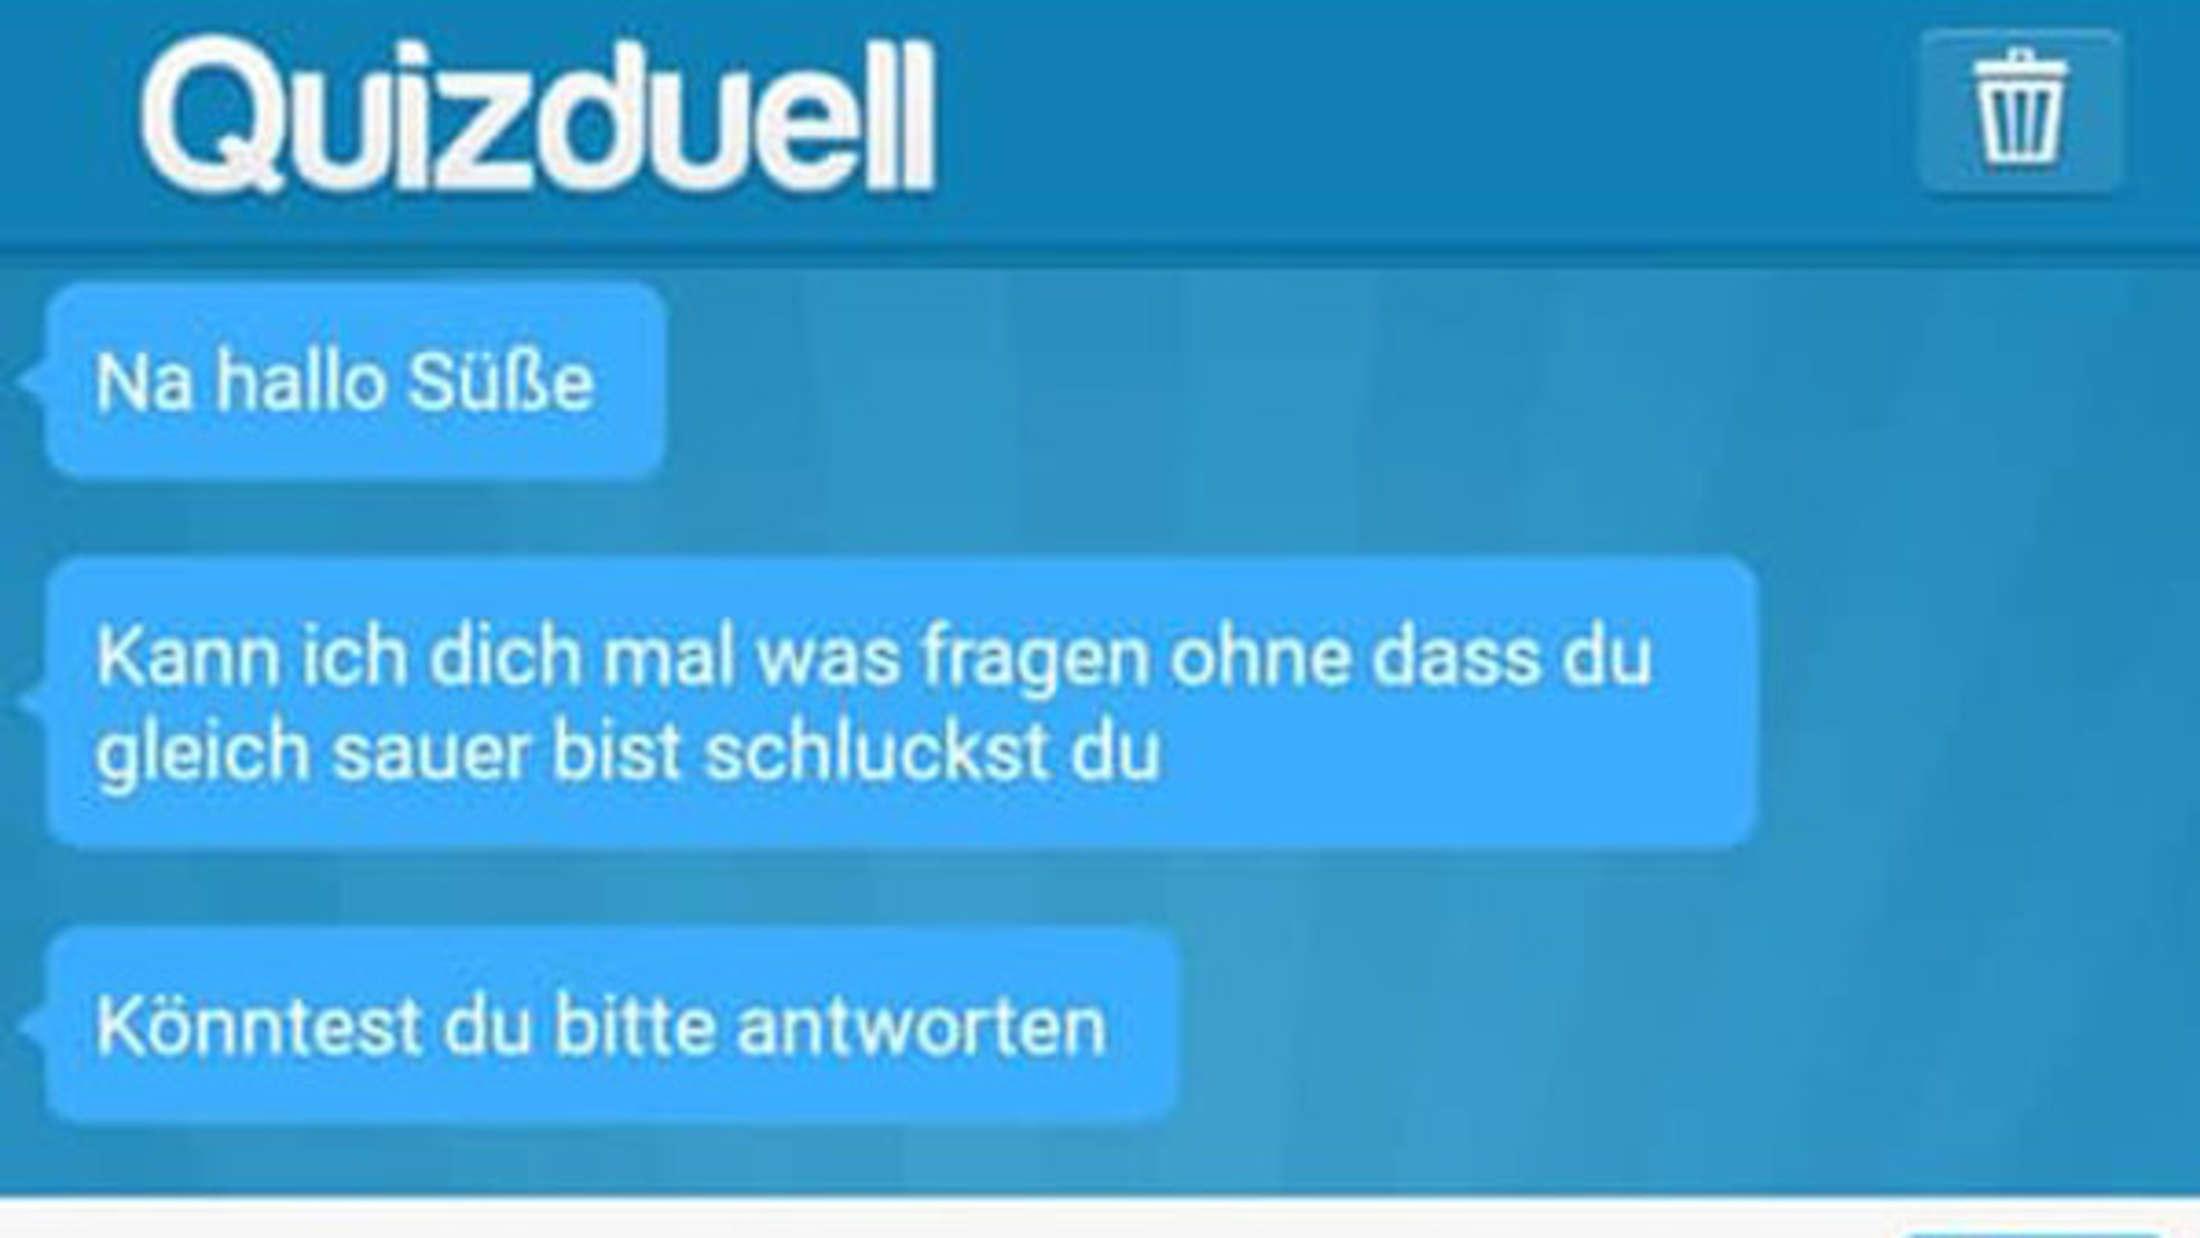 Quizduell-Profis berichten von sexueller Belästigung und